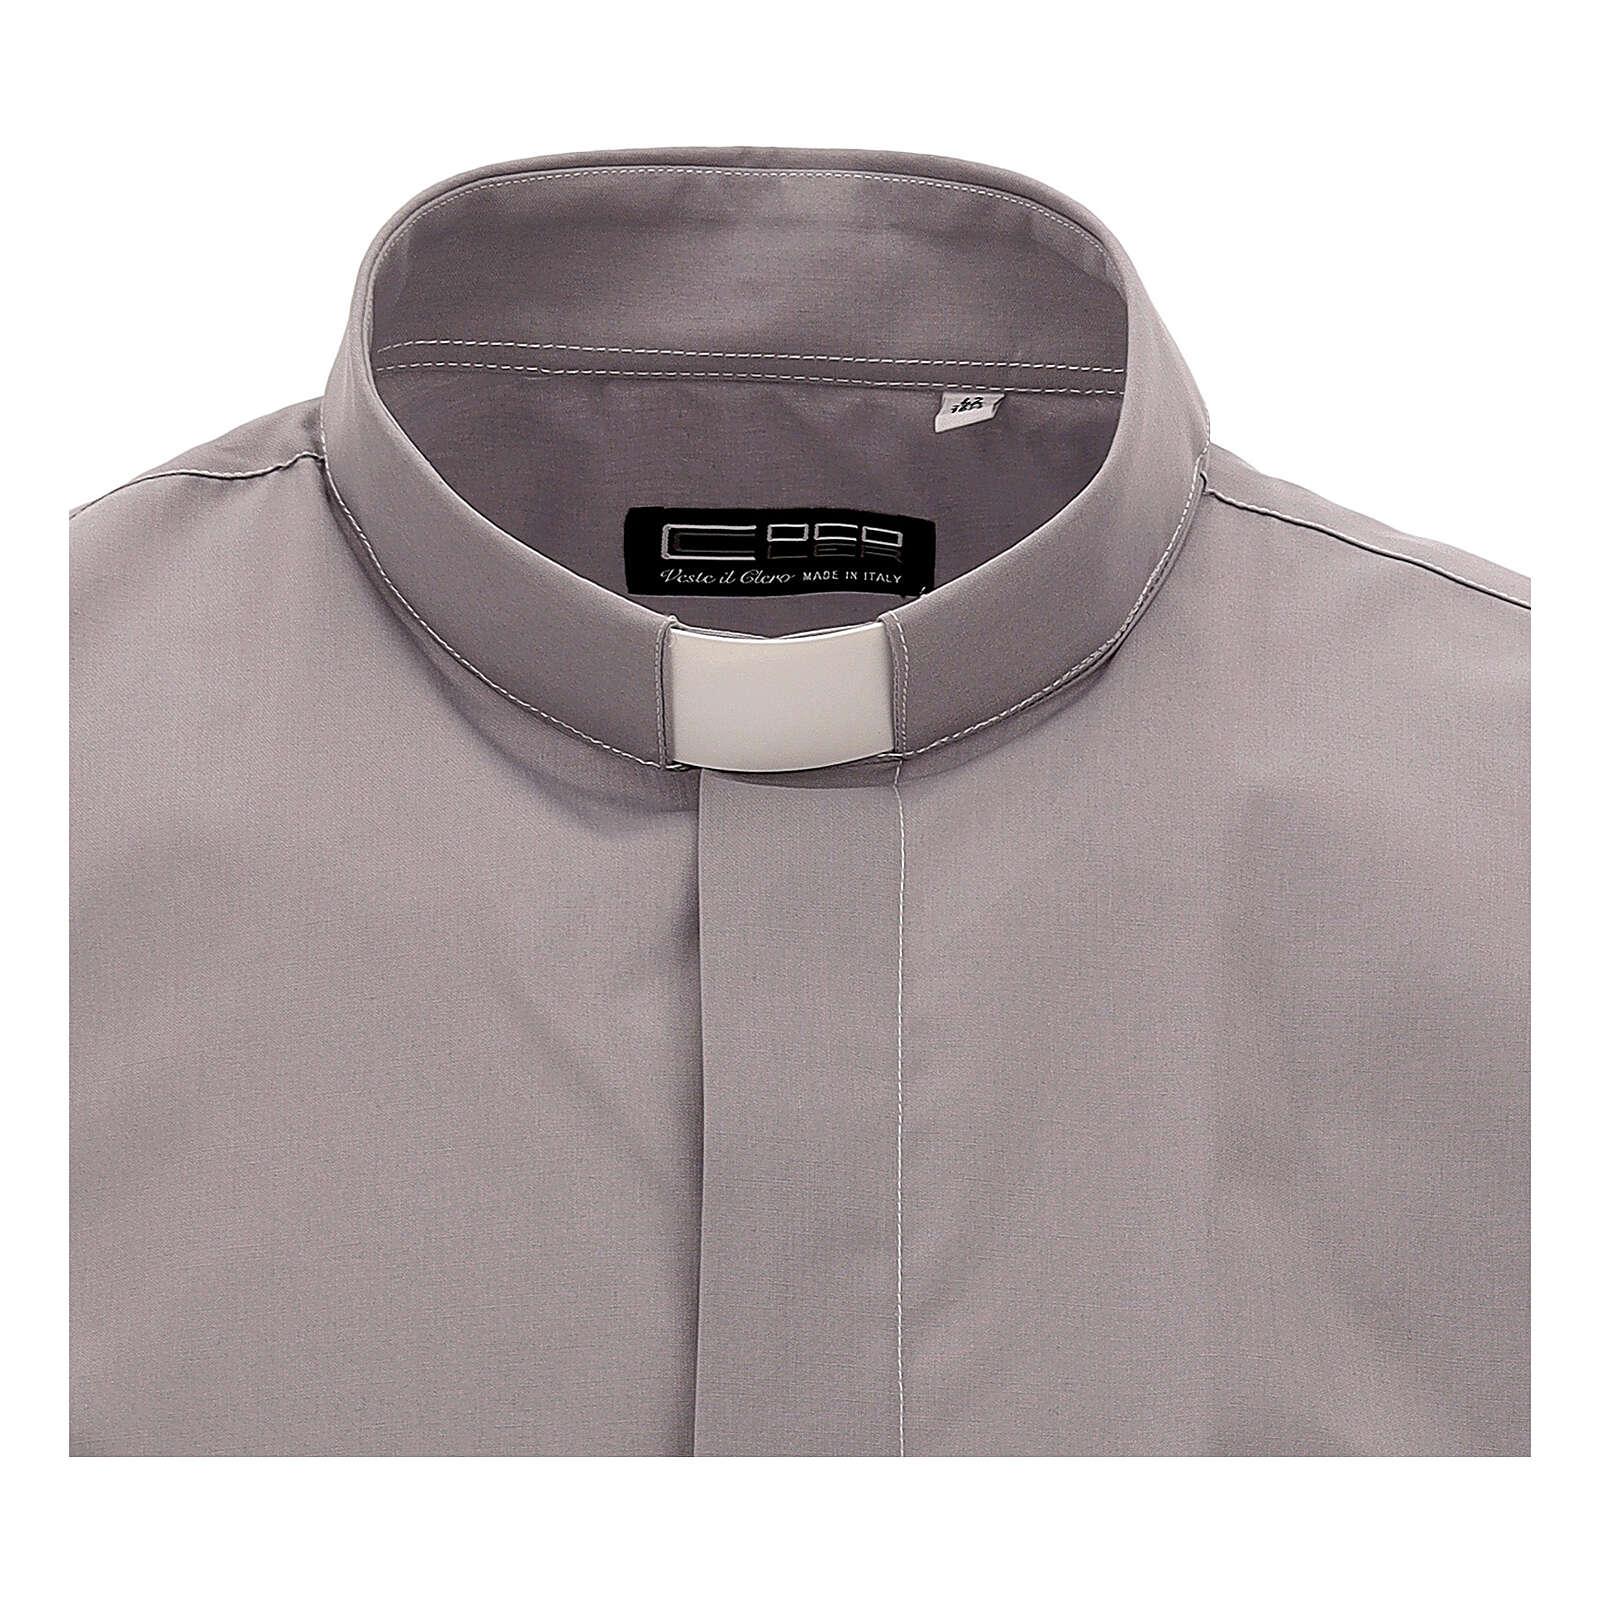 Chemise clergy gris clair uni manches courtes 4